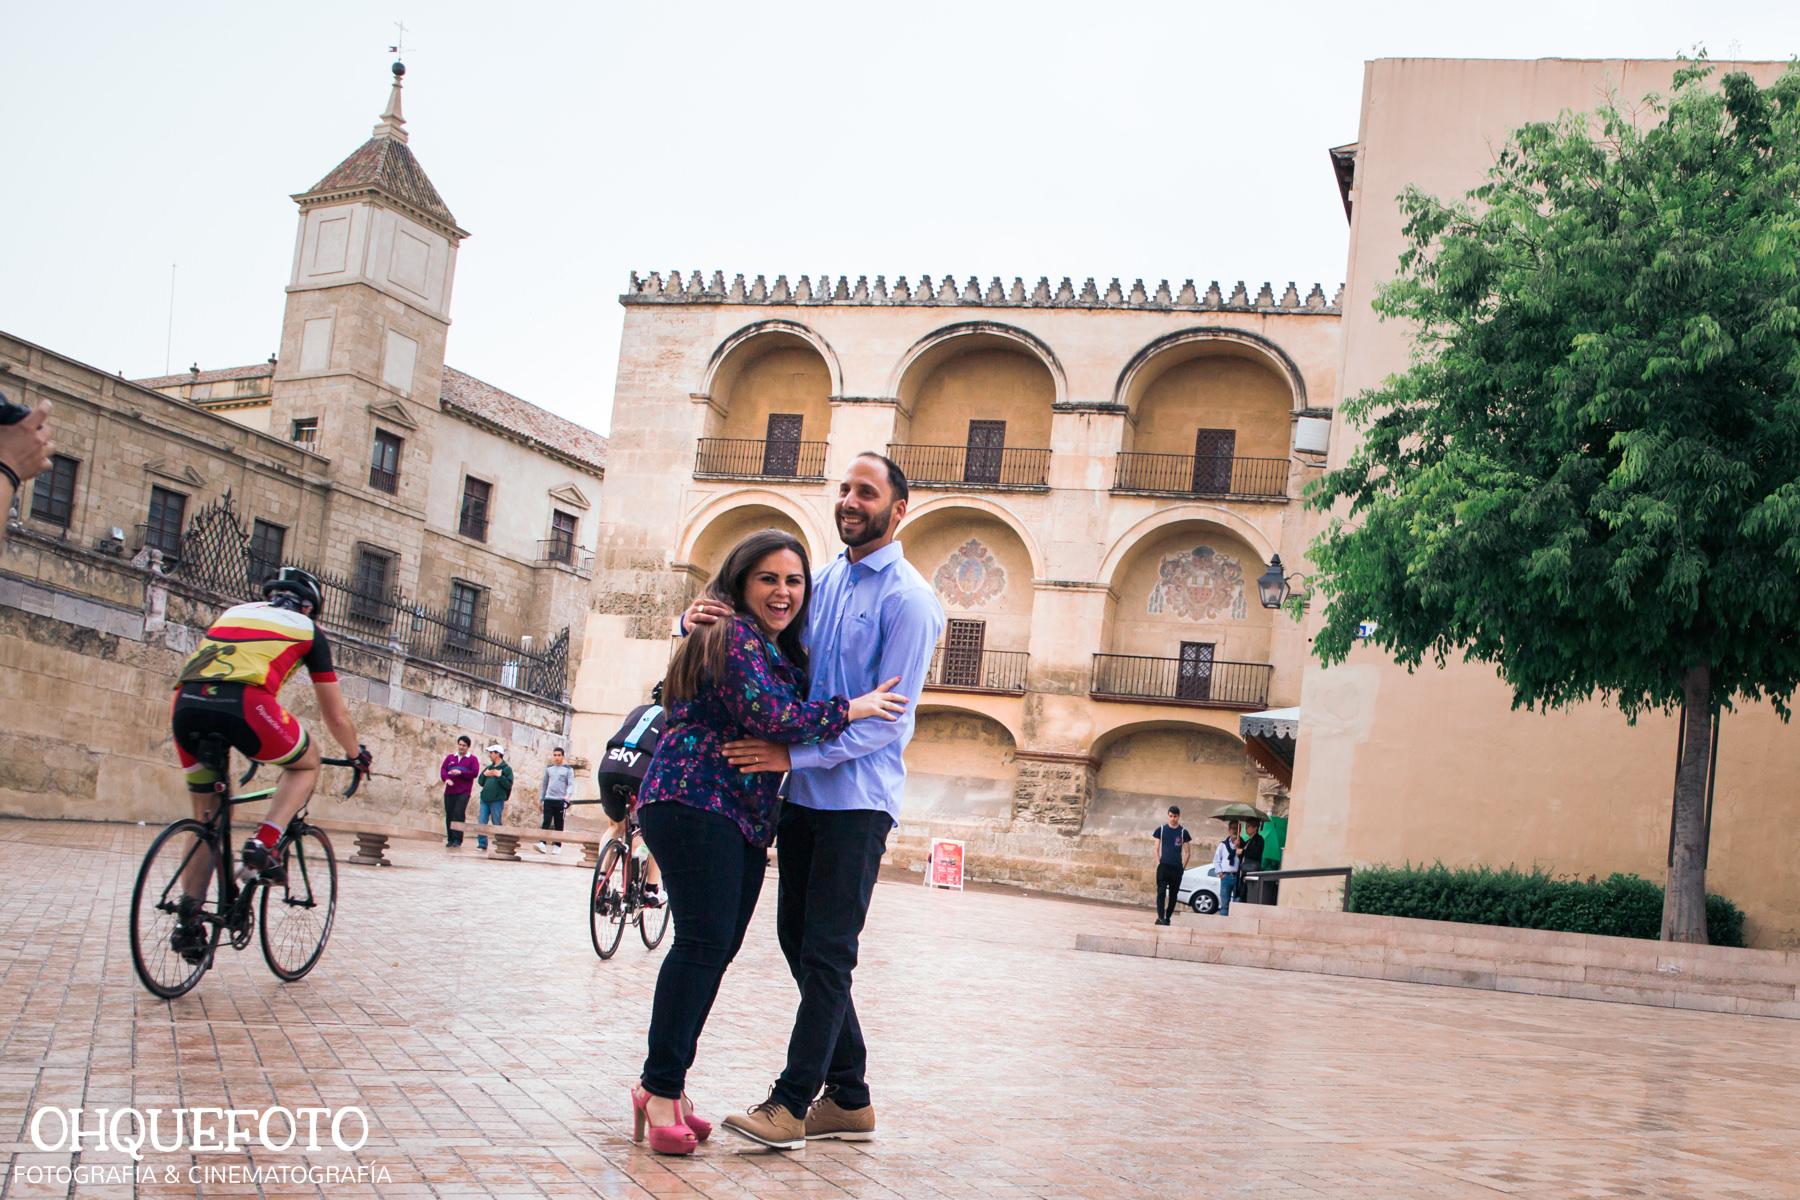 preboda en la judería de cordoba preboda en puente romano cordoba fotos de preboda en cordoba reportaje antes de la boda396 - Reportaje de preboda en la Judería de Córdoba - Elena y Jose